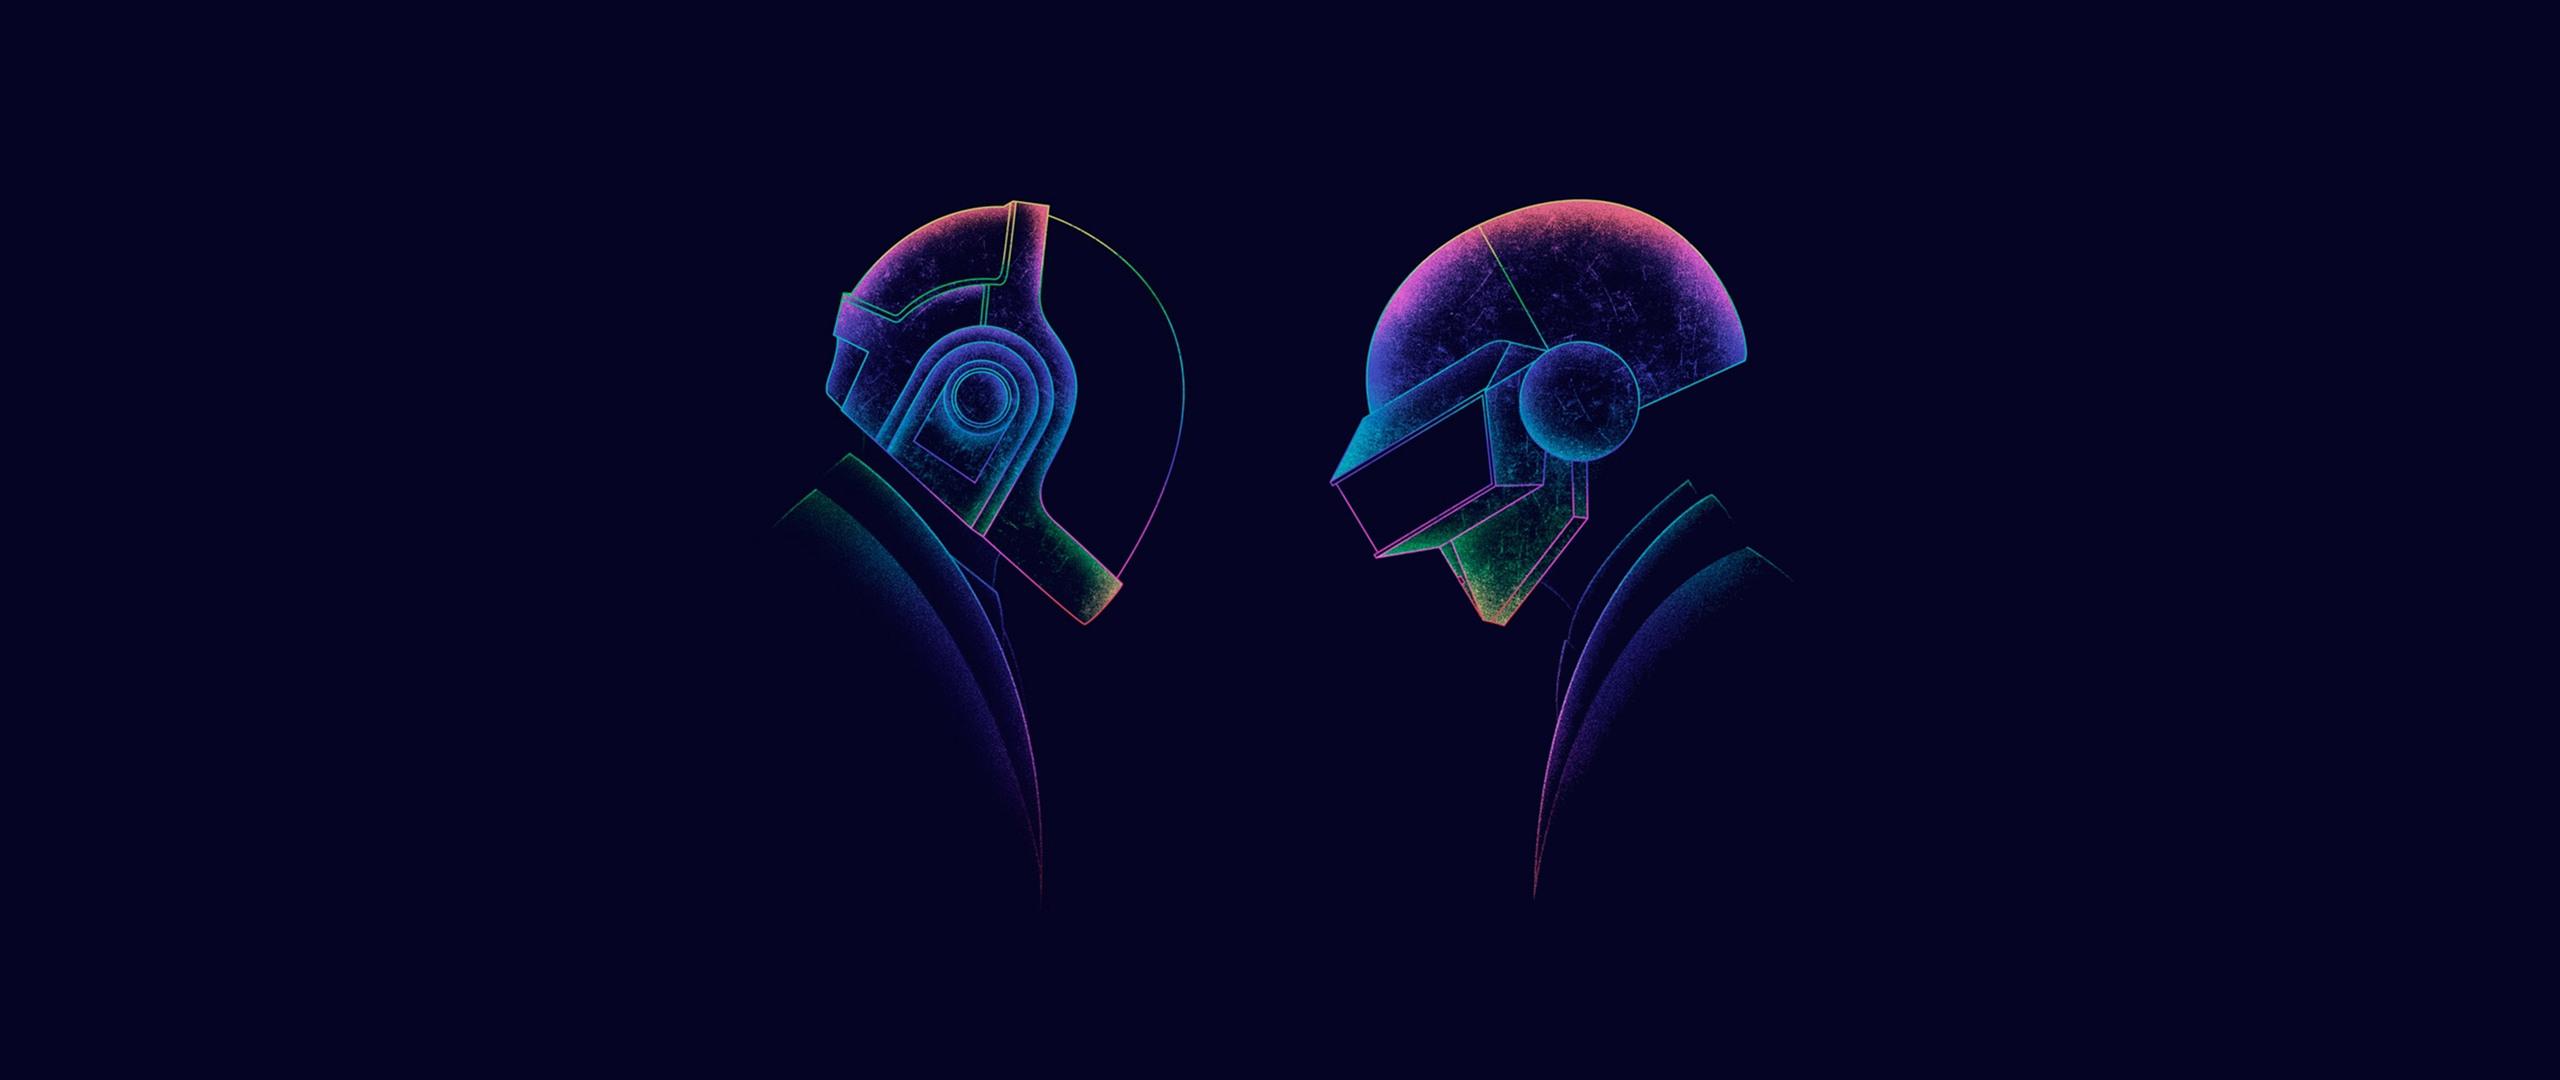 2560x1080 Daft Punk Minimalism 3 2560x1080 Resolution HD ...